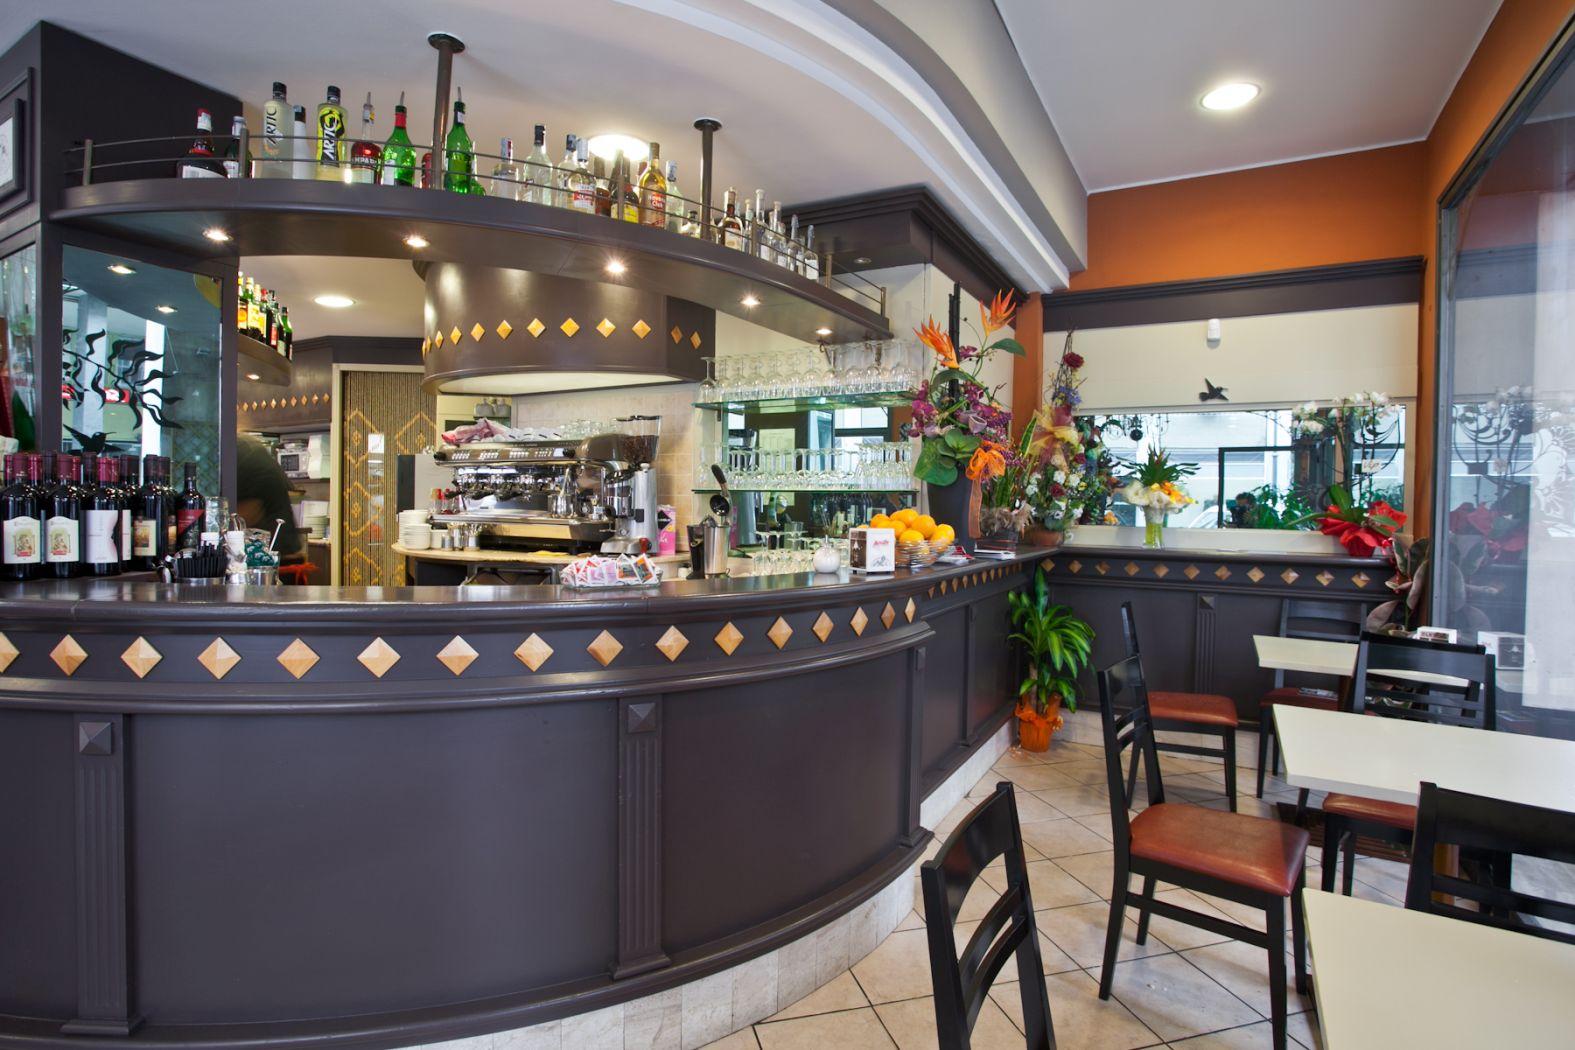 Attrezzature e arredo bar gli spazi in cui dividere il locale for Ritacca arredo bar